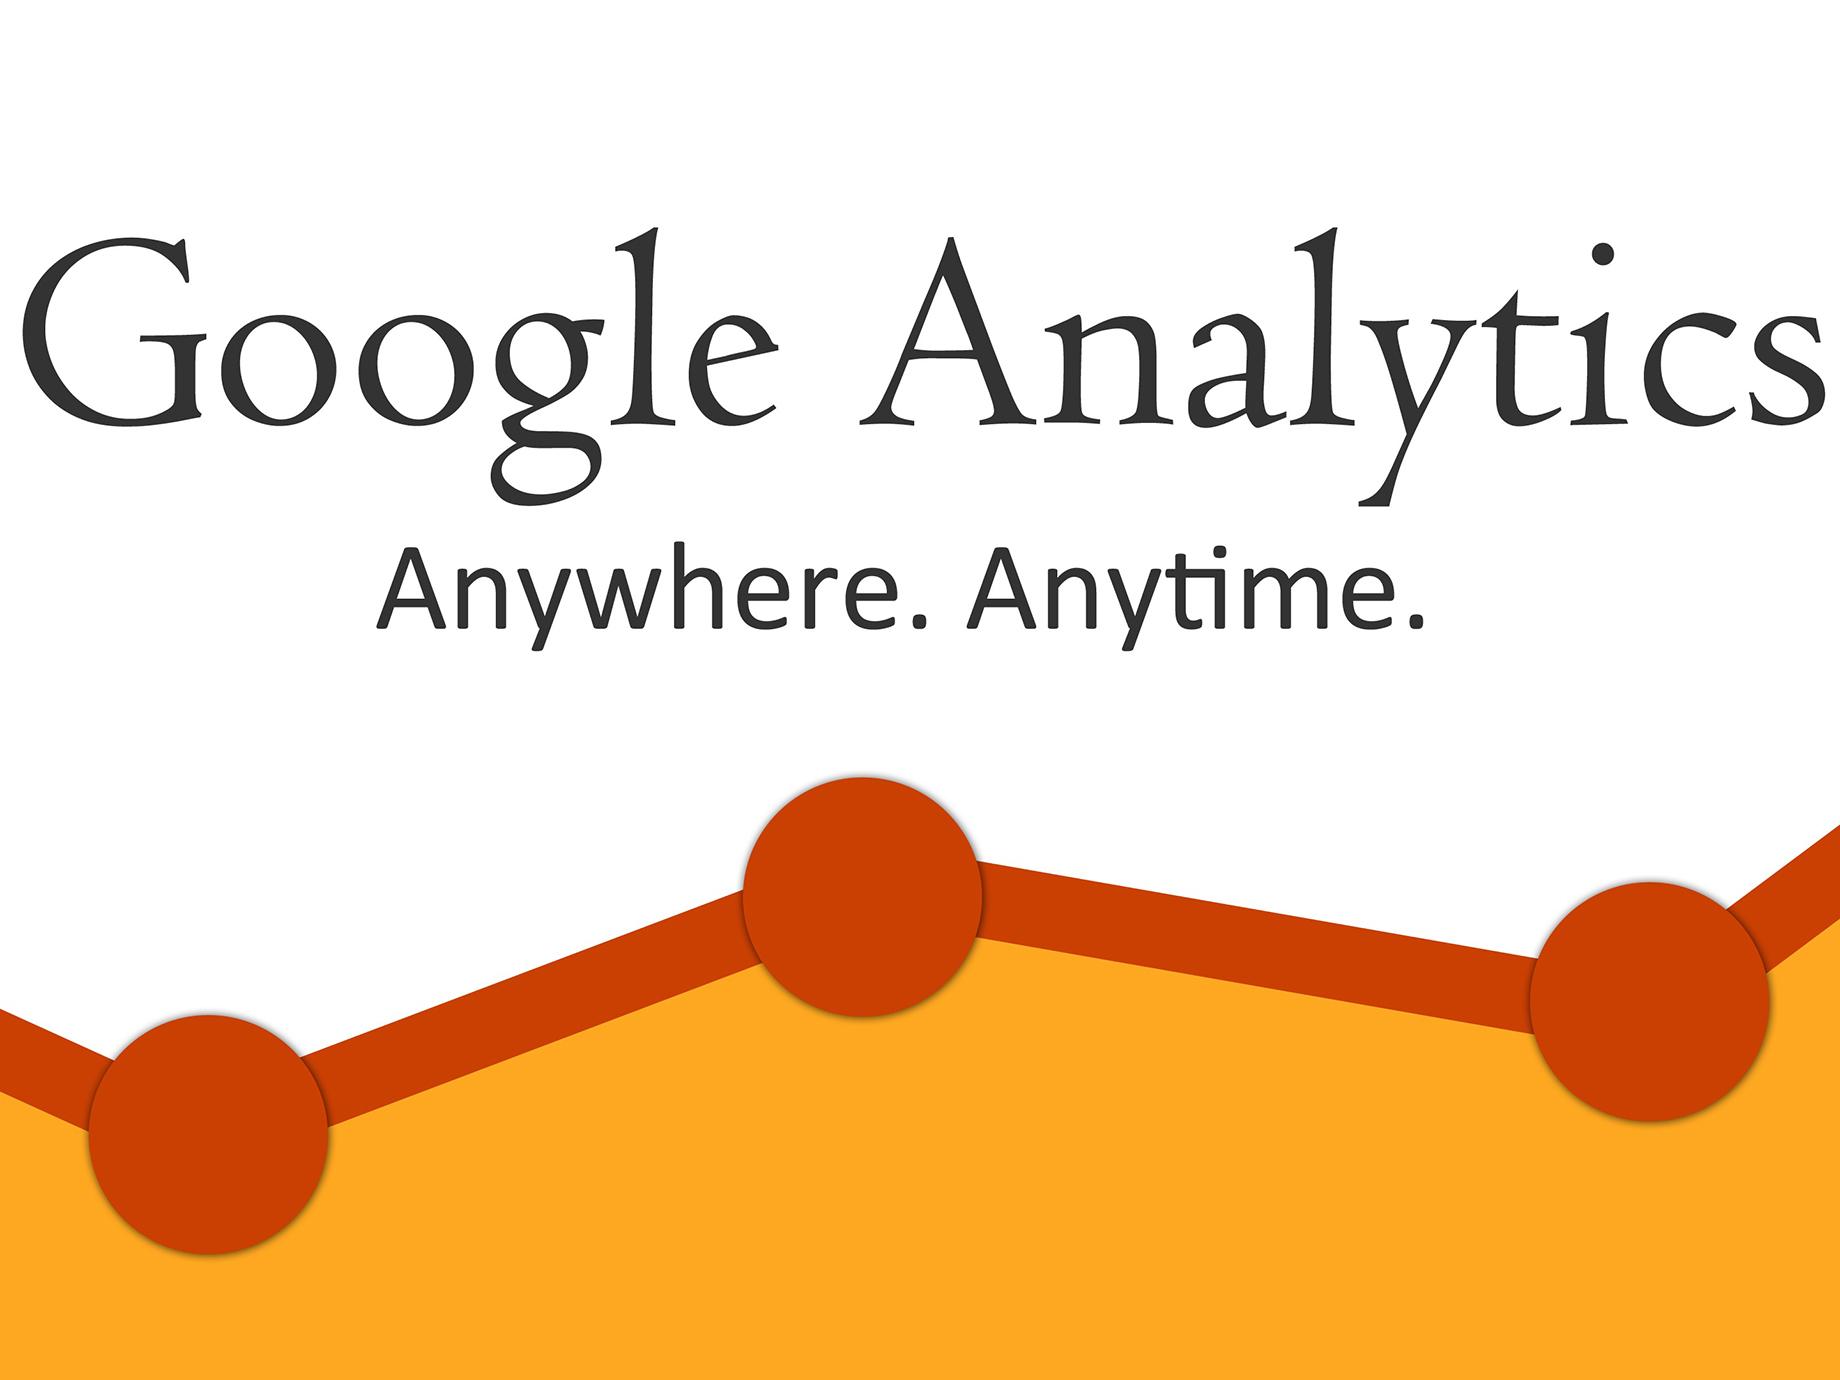 透視數據下的商機》Google Analytics初階者必懂的8大基本功能